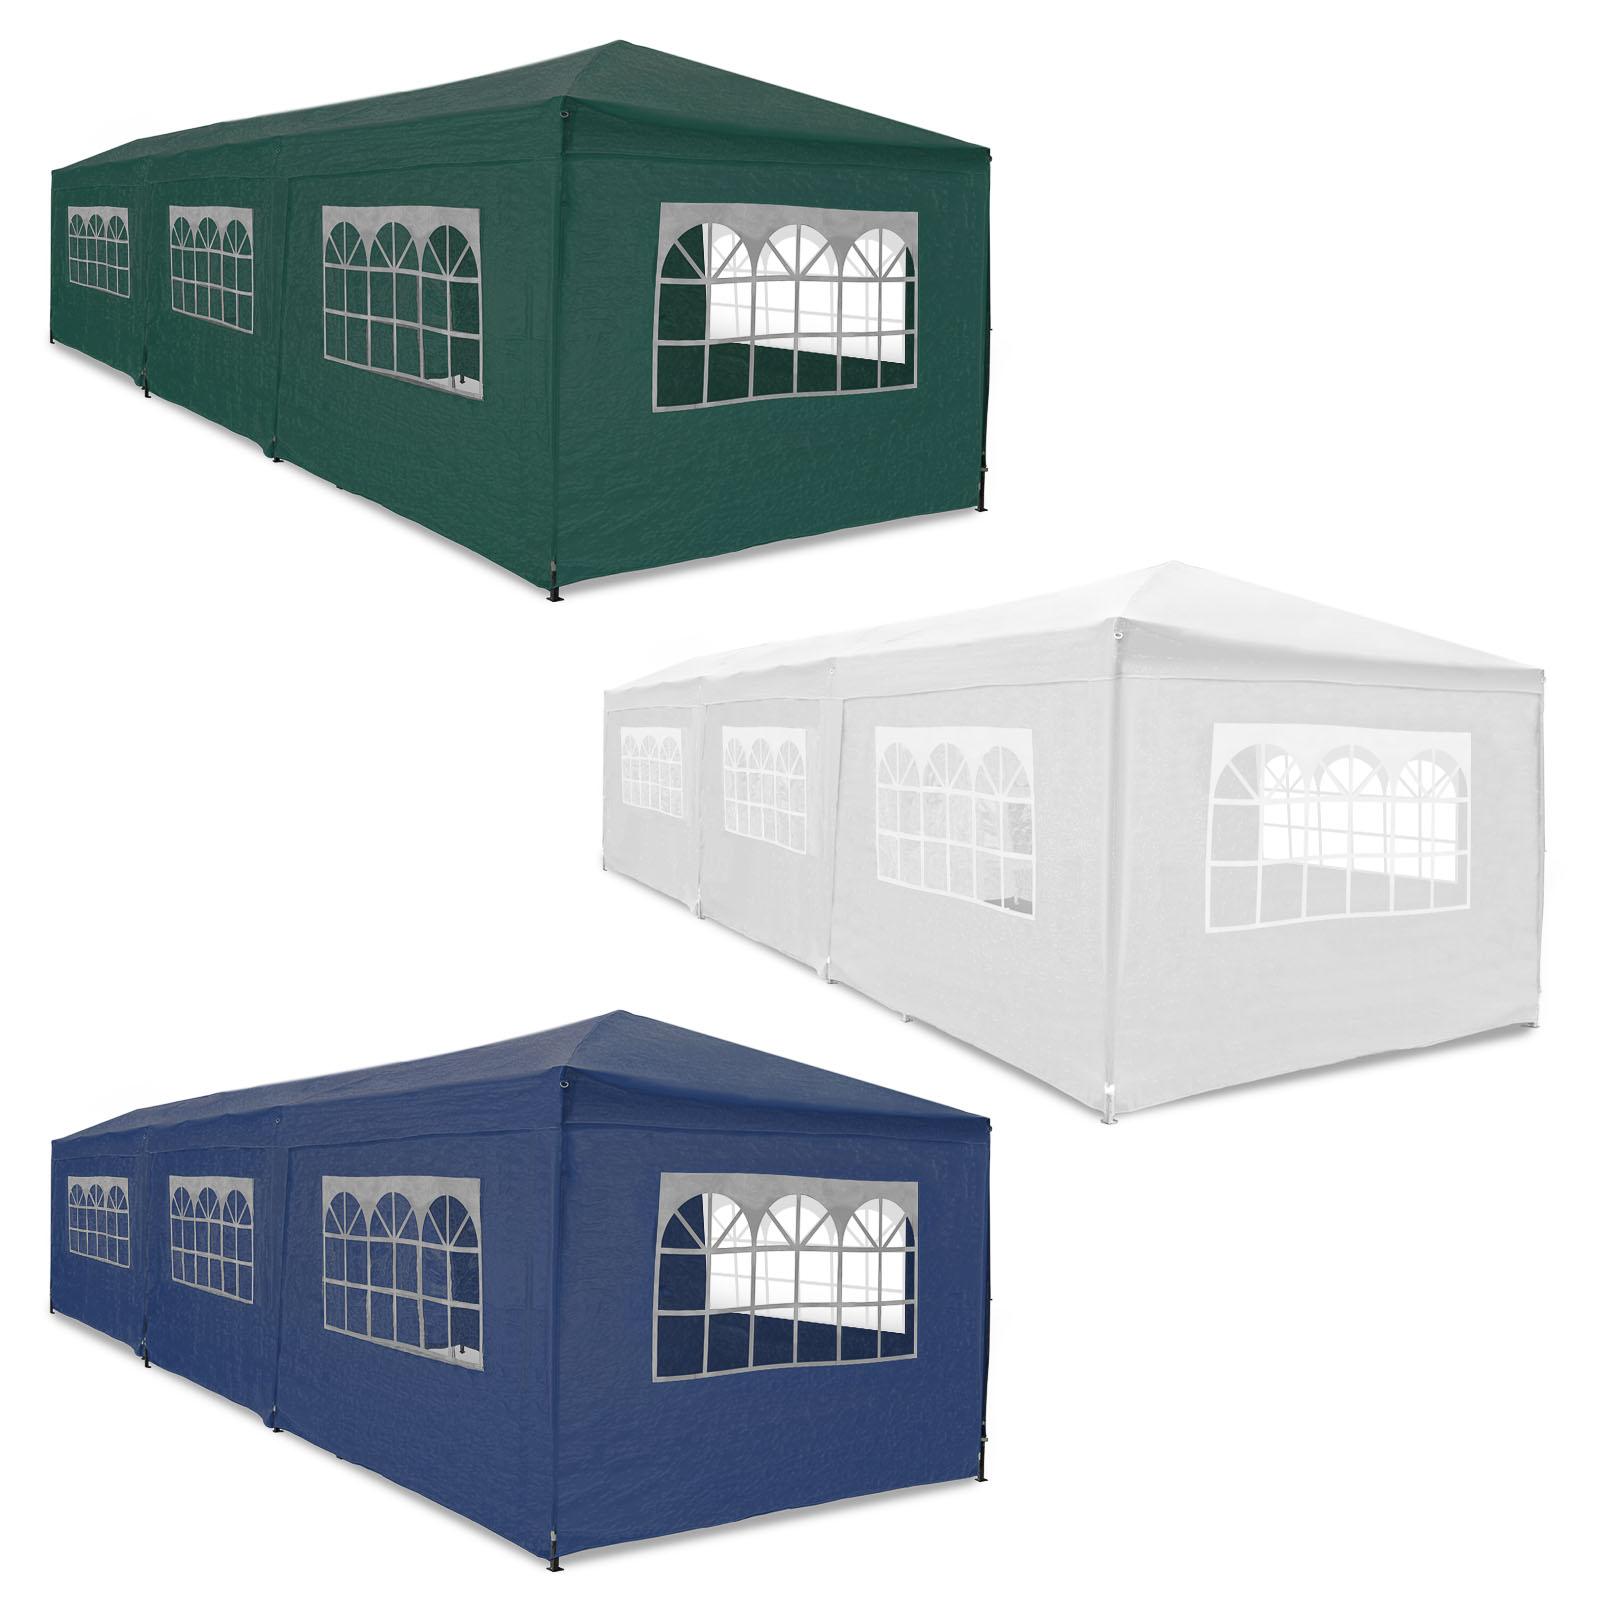 partyzelt festzelt pavillon gartenzelt 3x6m mit allen 6 seitenteilen wasserdicht ebay. Black Bedroom Furniture Sets. Home Design Ideas